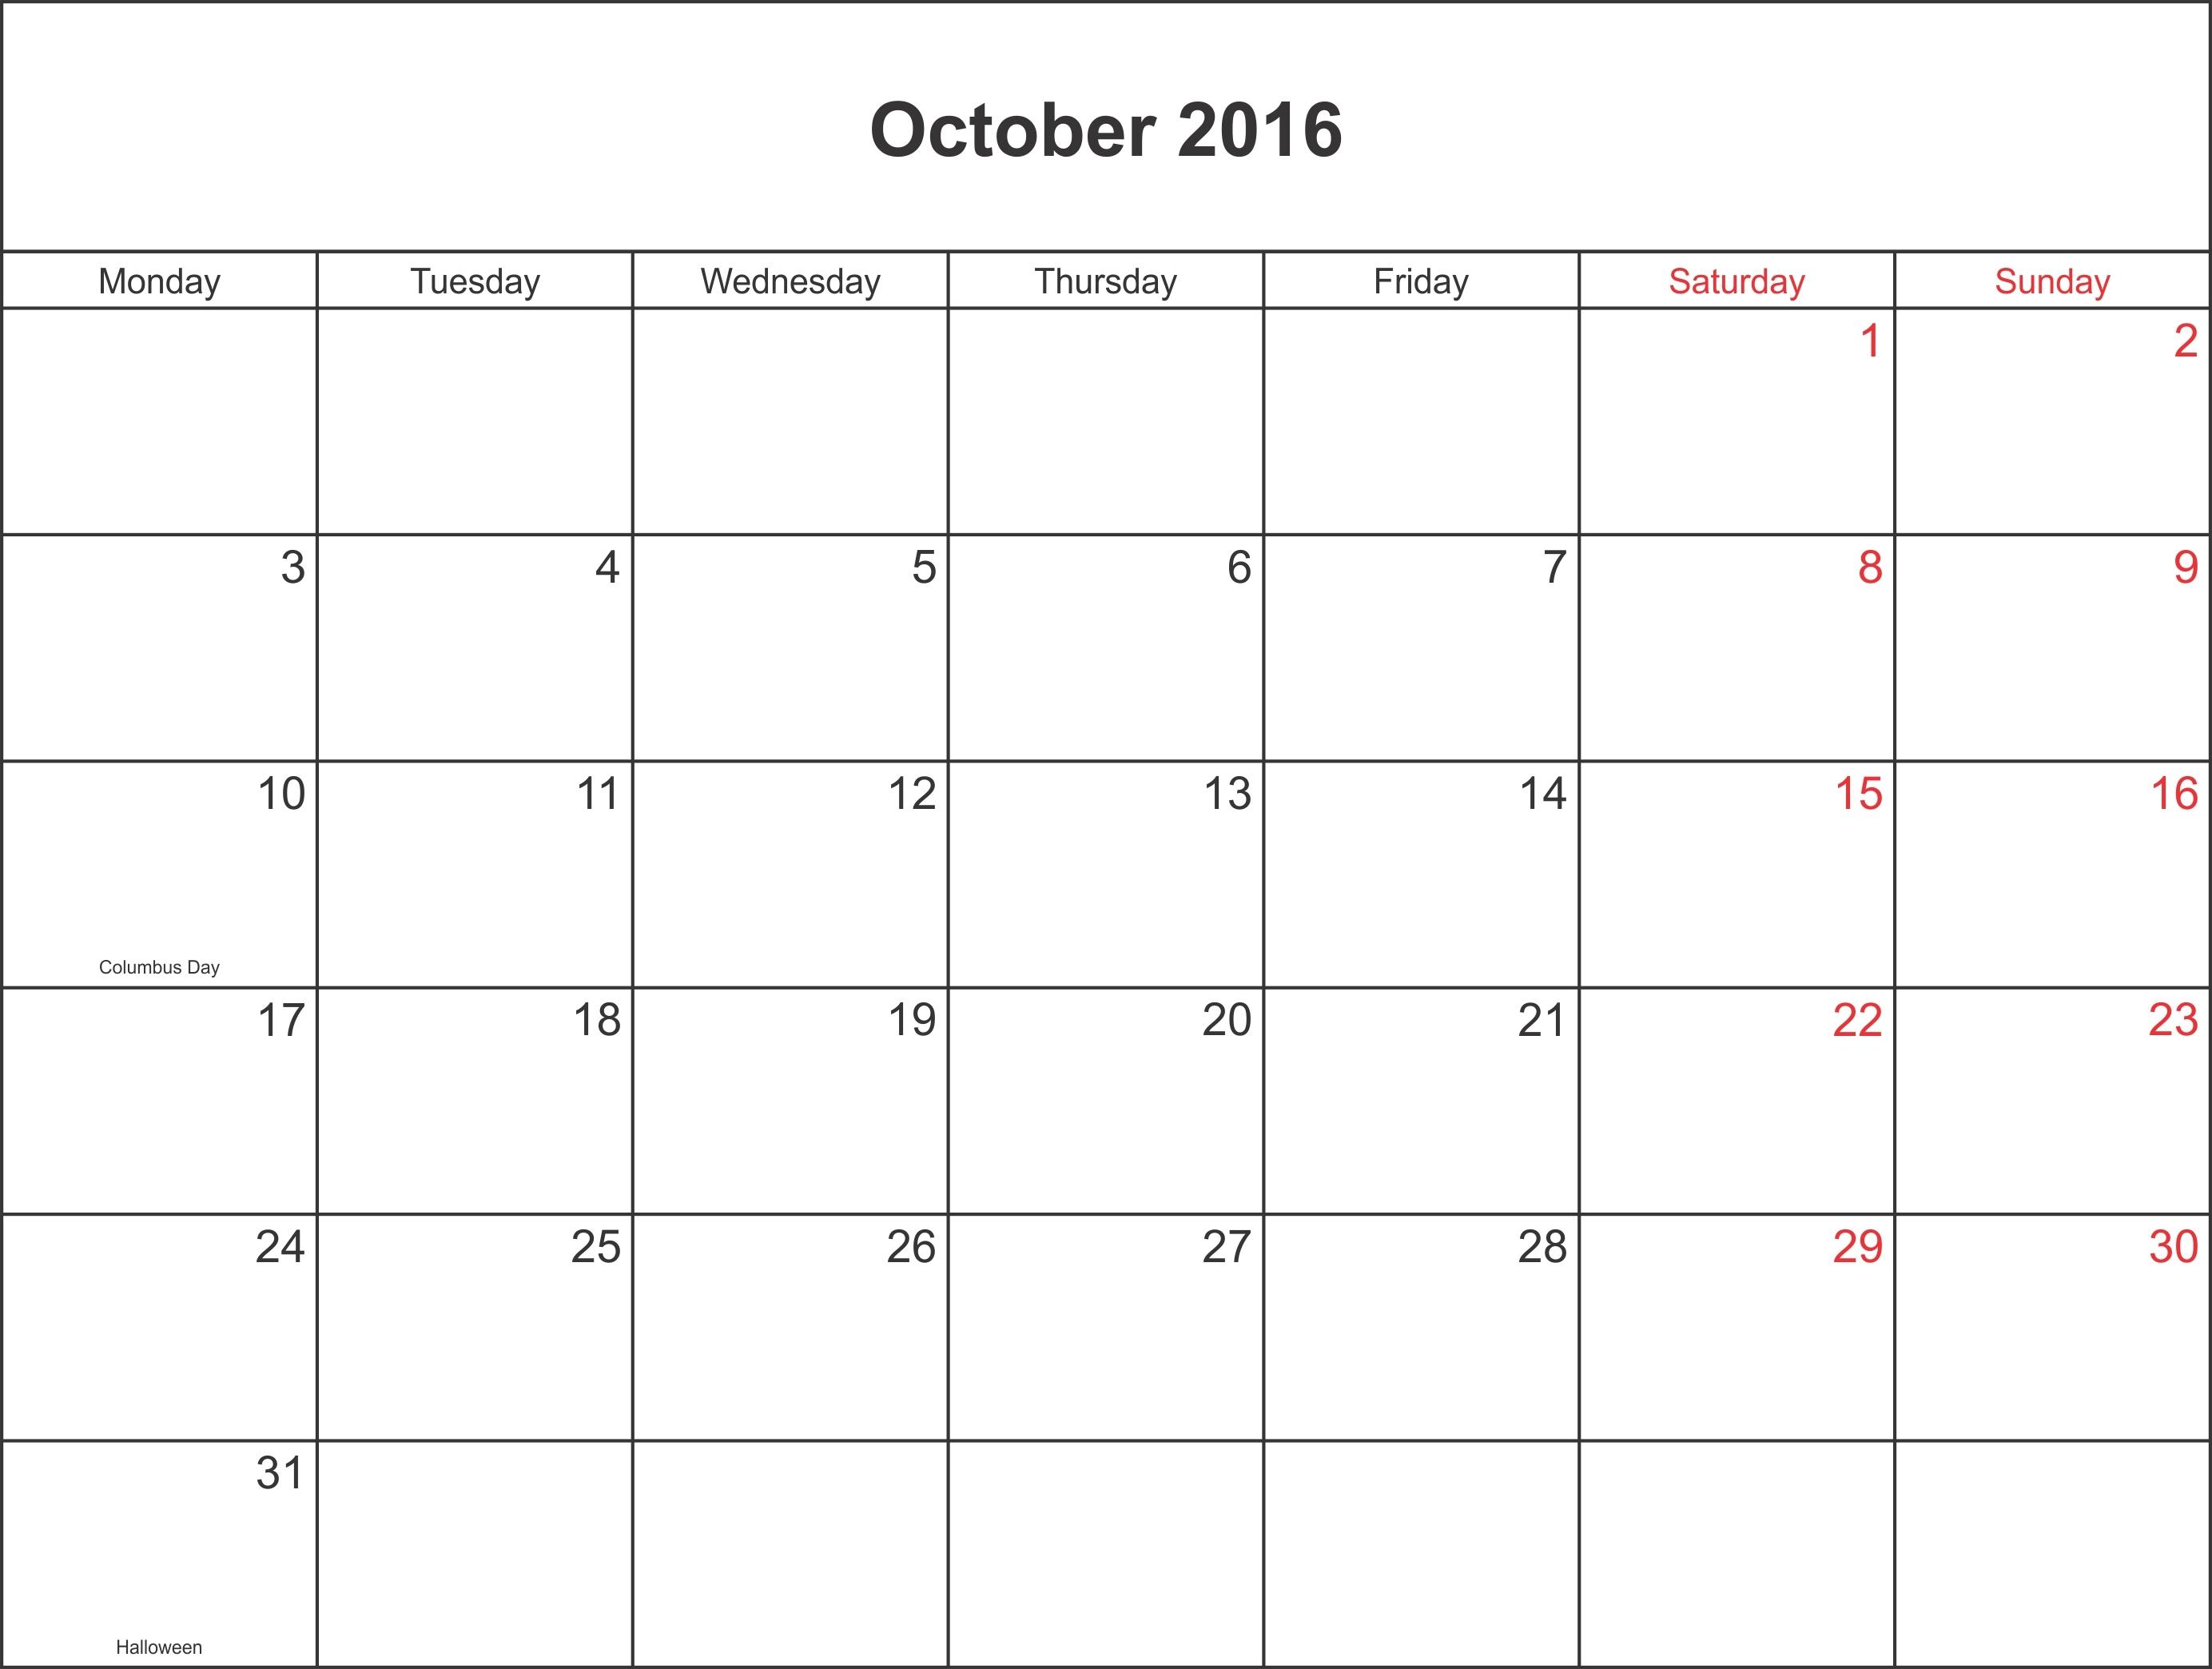 October 2016 Calendar Columbus Day 2016 Oct Calendar Pinterest